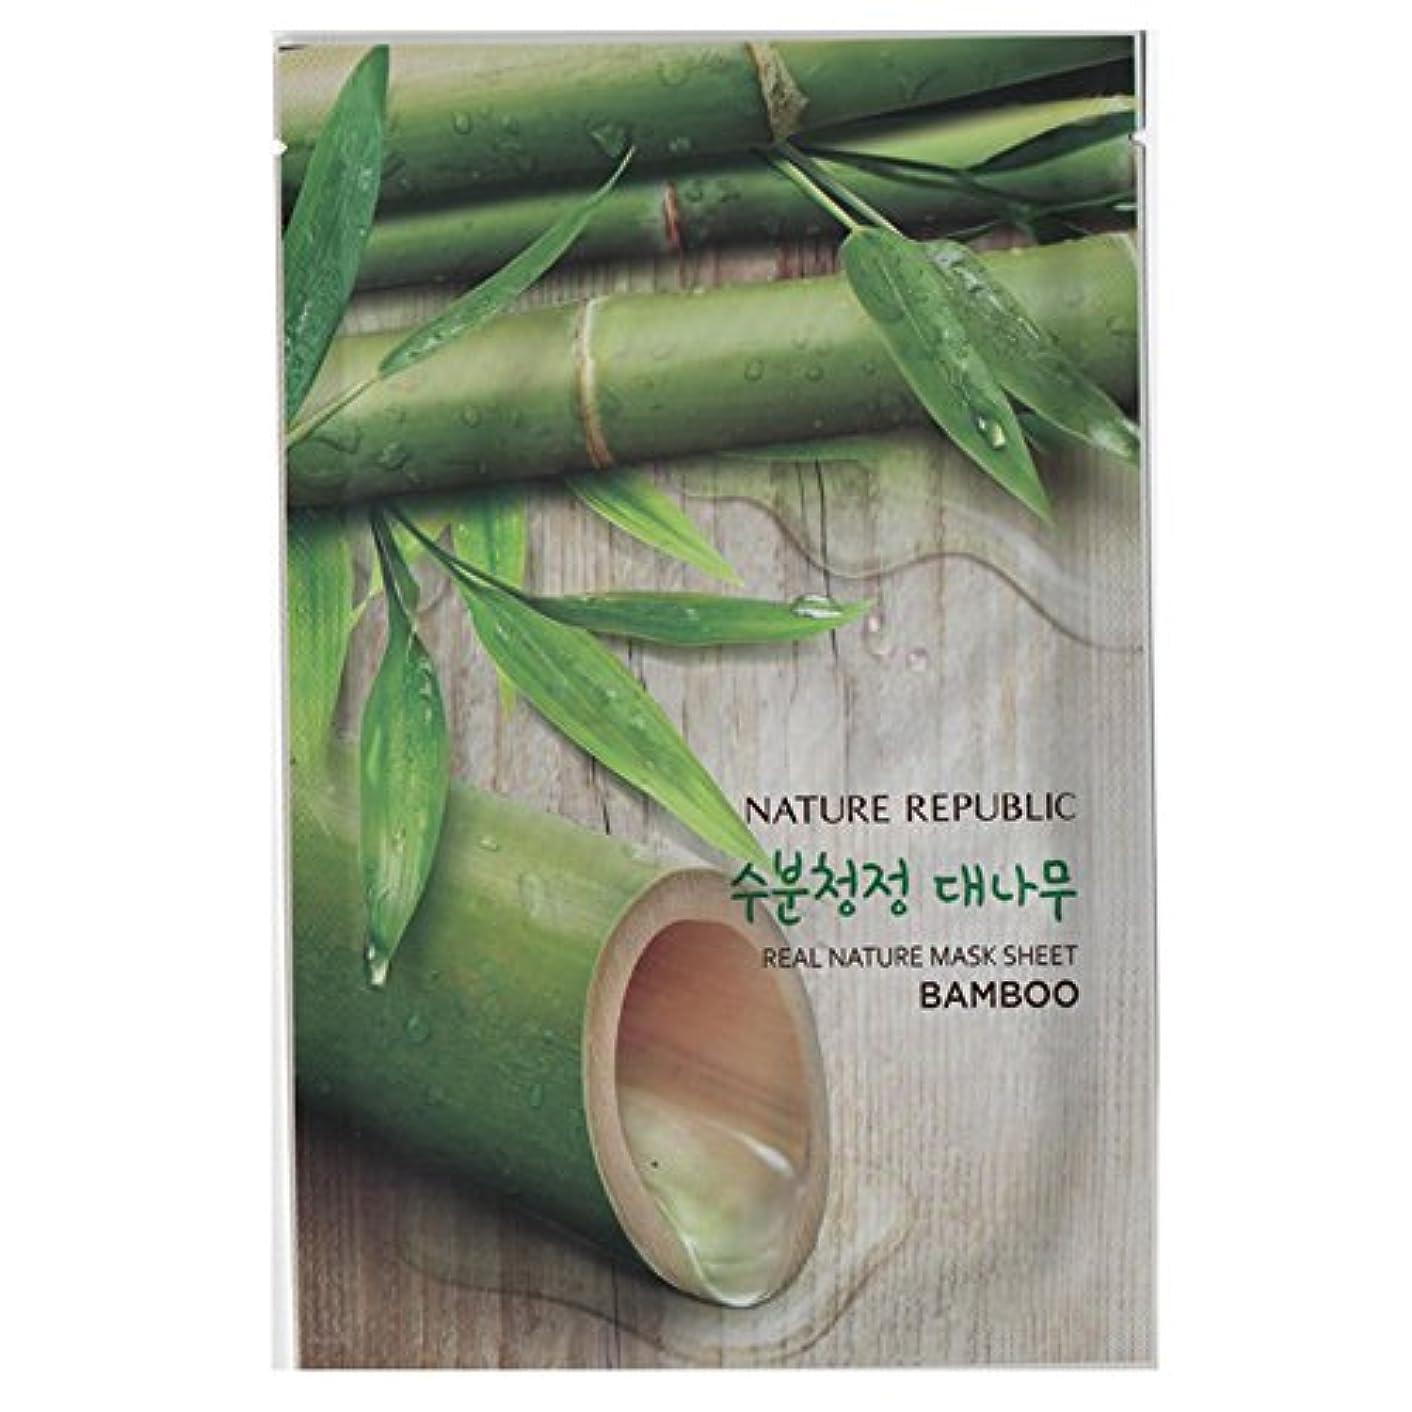 定常ベーリング海峡球状[NATURE REPUBLIC] リアルネイチャー マスクシート Real Nature Mask Sheet (Bamboo (竹) 10個) [並行輸入品]